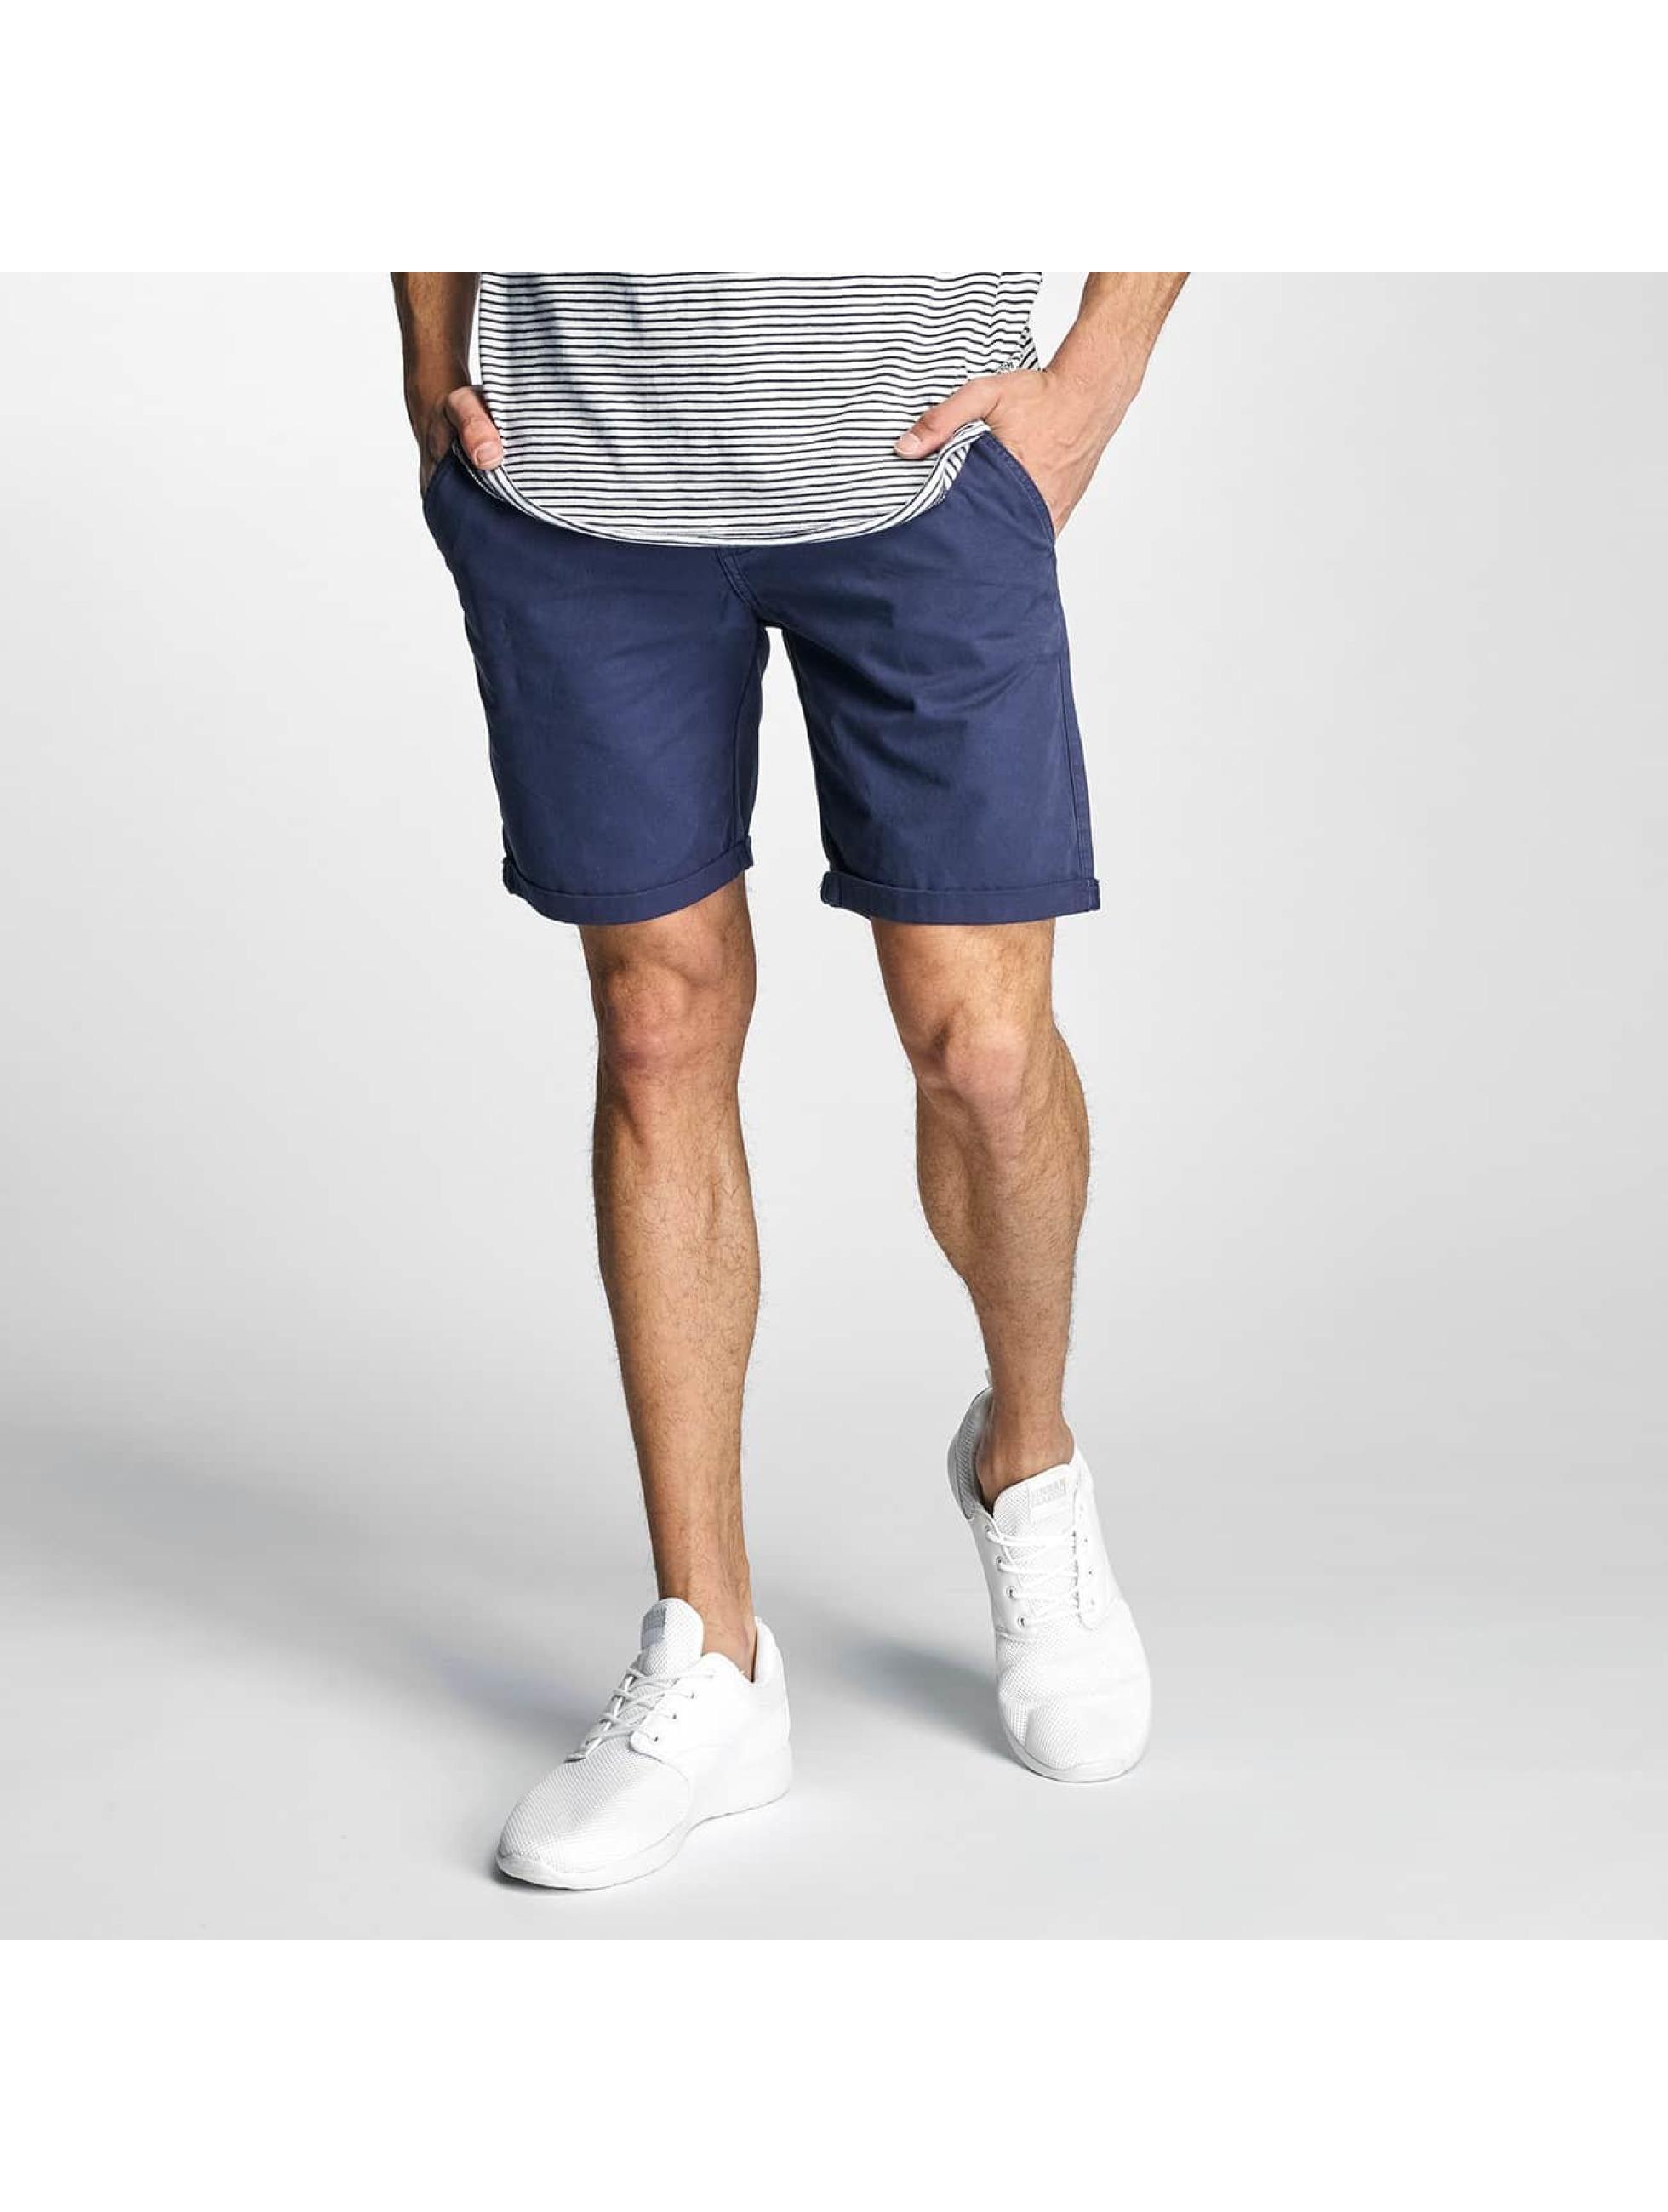 Schipkau Klettwitz Angebote Bench Männer Shorts Twill in blau